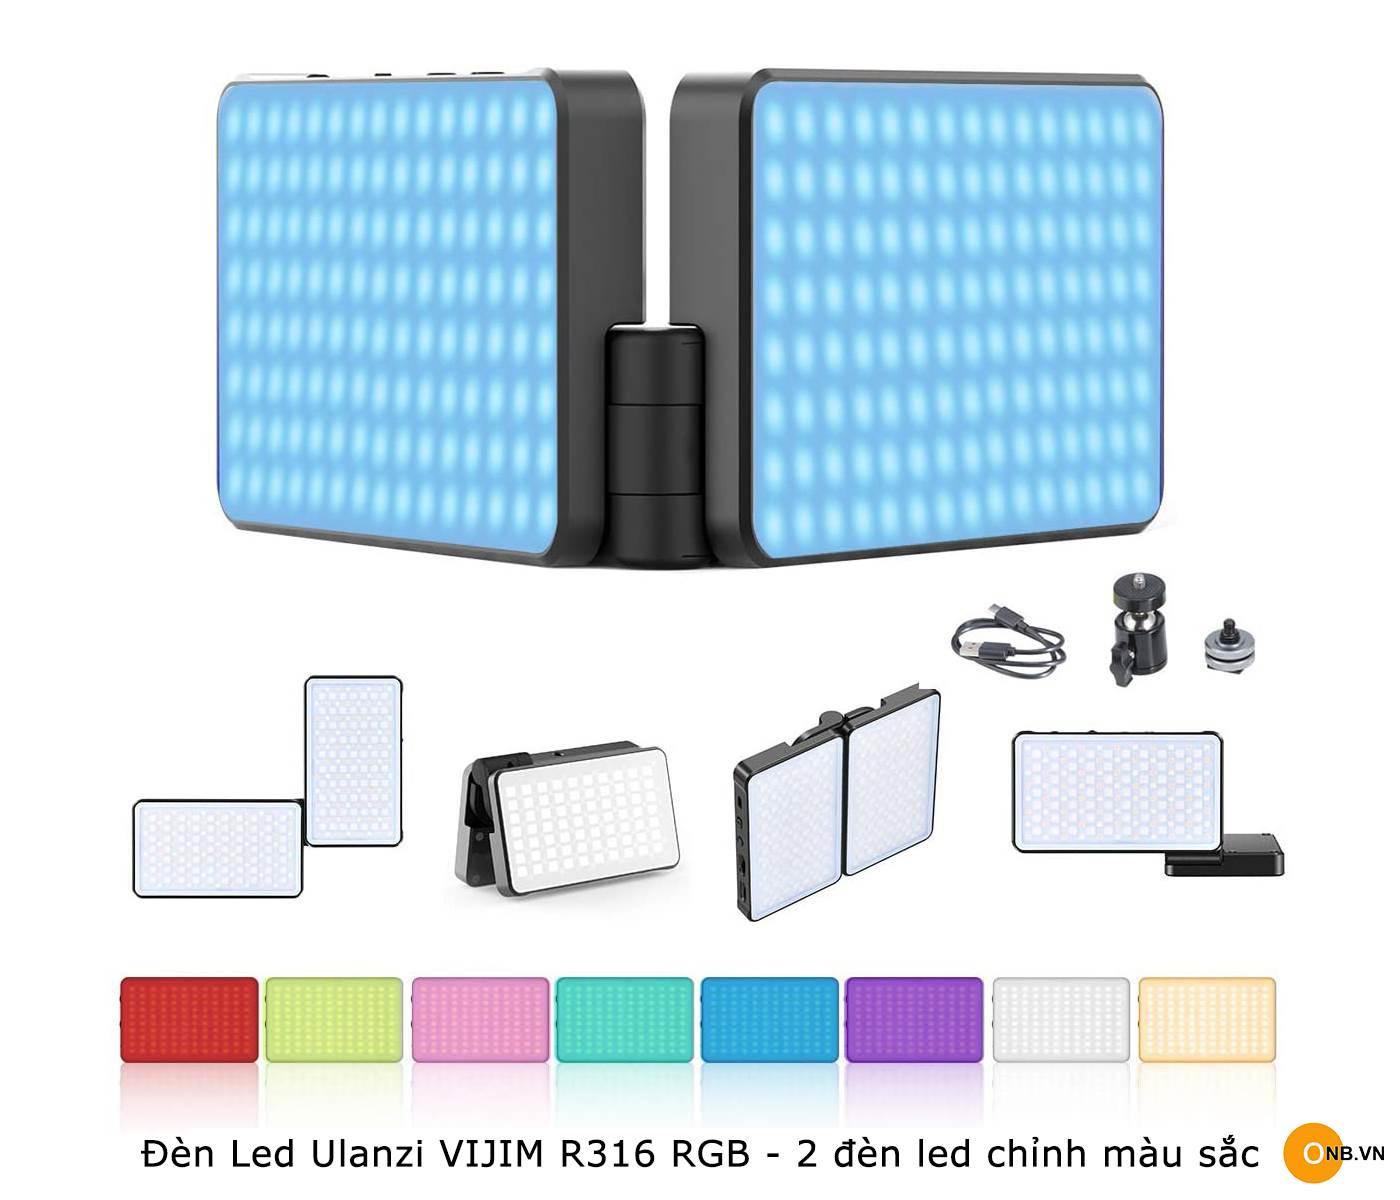 Đèn Led Ulanzi VIJIM R316 RGB - 2 đèn led chỉnh màu và độ K